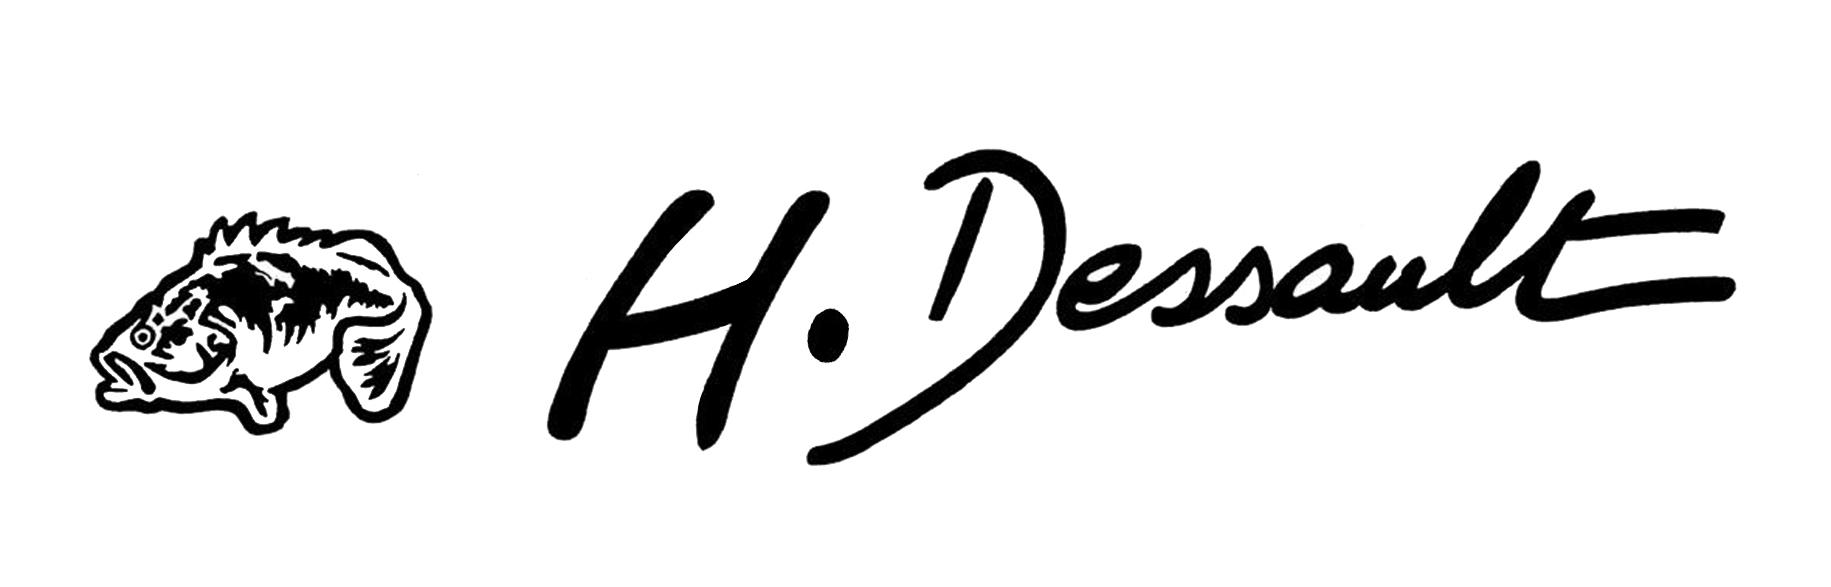 Усилени шарнирни жълъди за ластичен харпун с втулки от Delrin / OBUS ARTICULE RENFORCE - H.Dessault